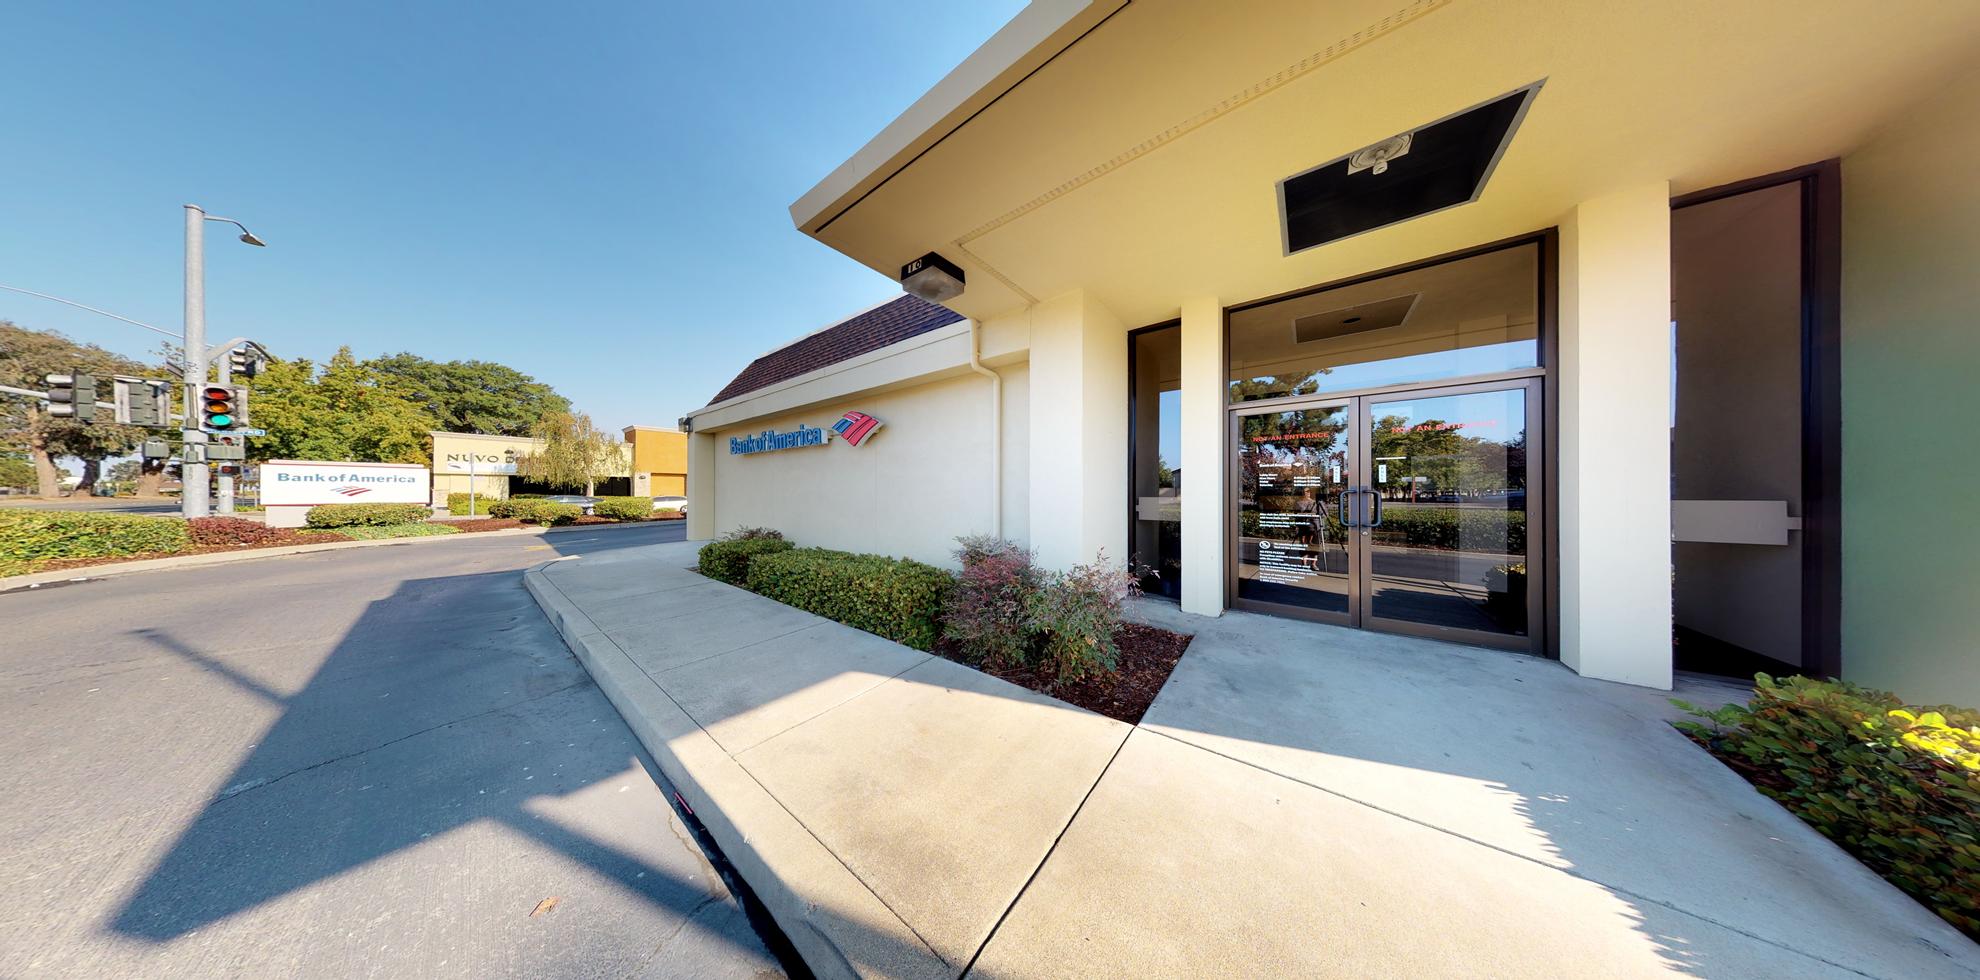 Bank of America financial center with drive-thru ATM | 31800 Alvarado Blvd, Union City, CA 94587